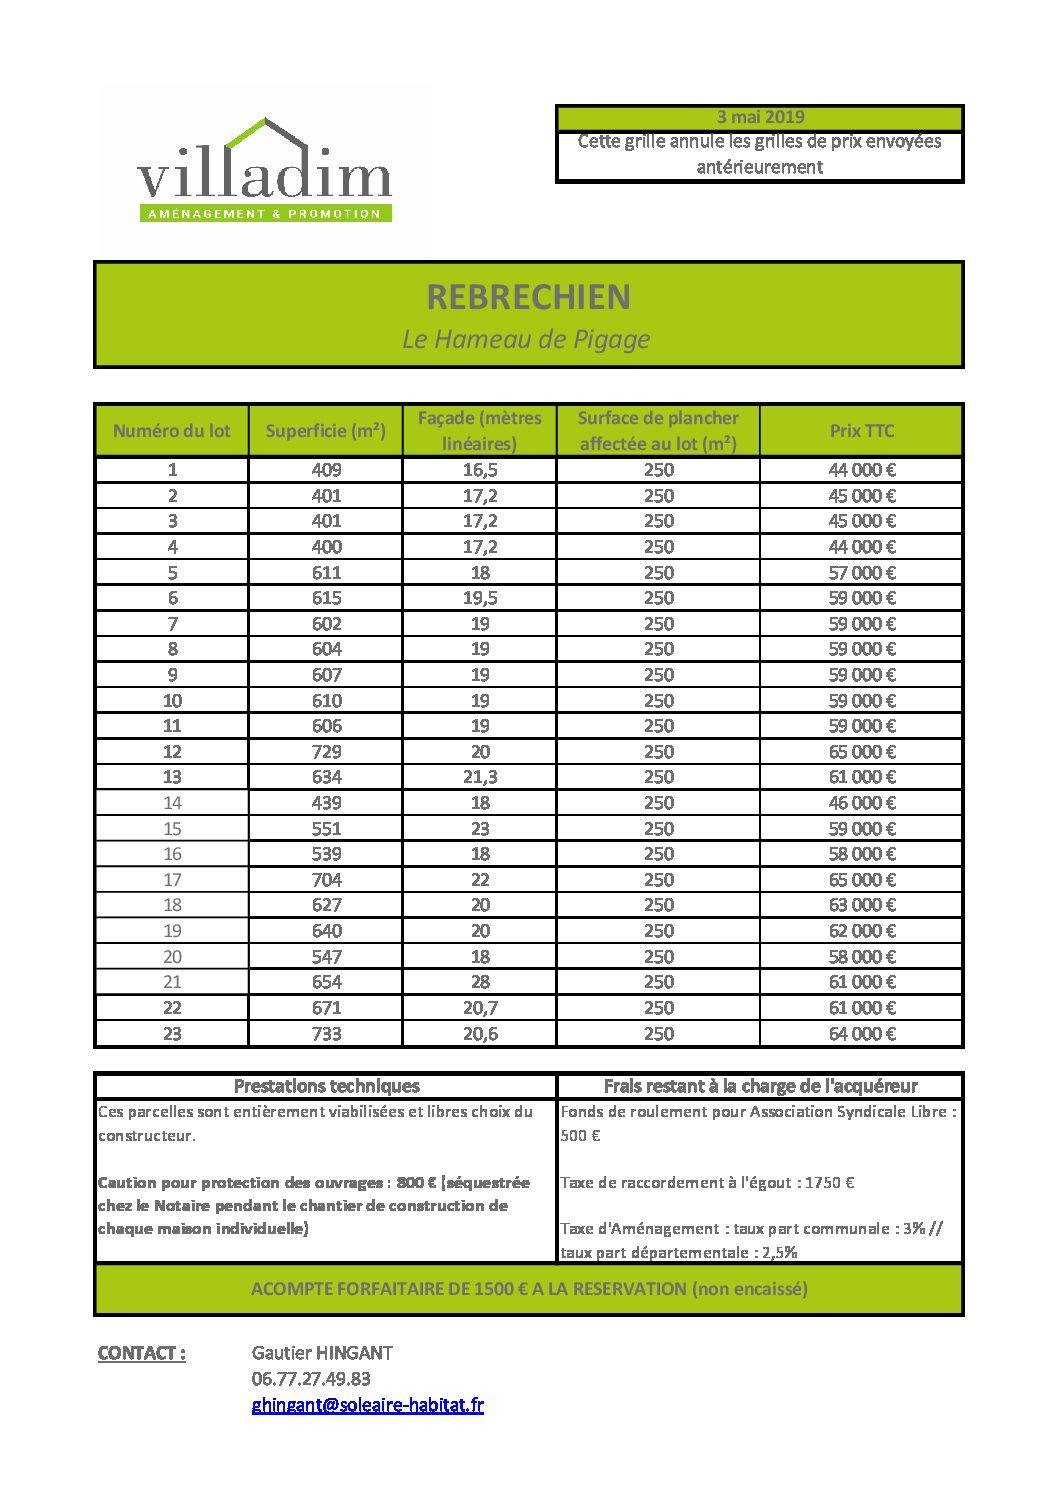 Des prix de terrains très intéressants à Rebréchien !